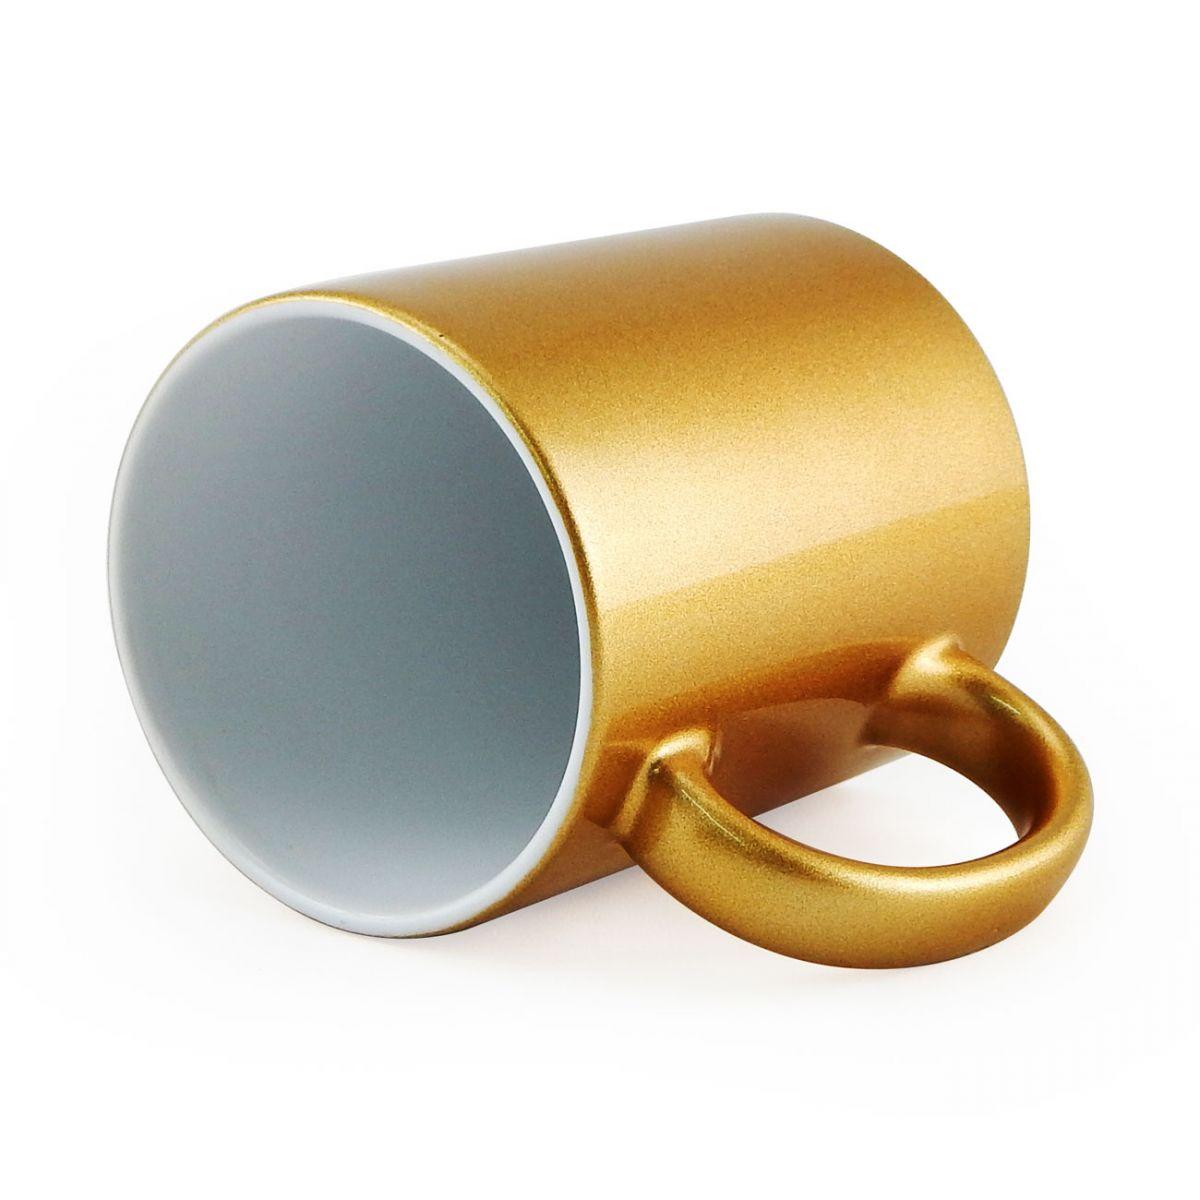 Caneca Metalizada Dourada Resinada Para Sublimação em Cerâmica - Classe A  - ALFANETI COMERCIO DE MIDIAS E SUBLIMAÇÃO LTDA-ME